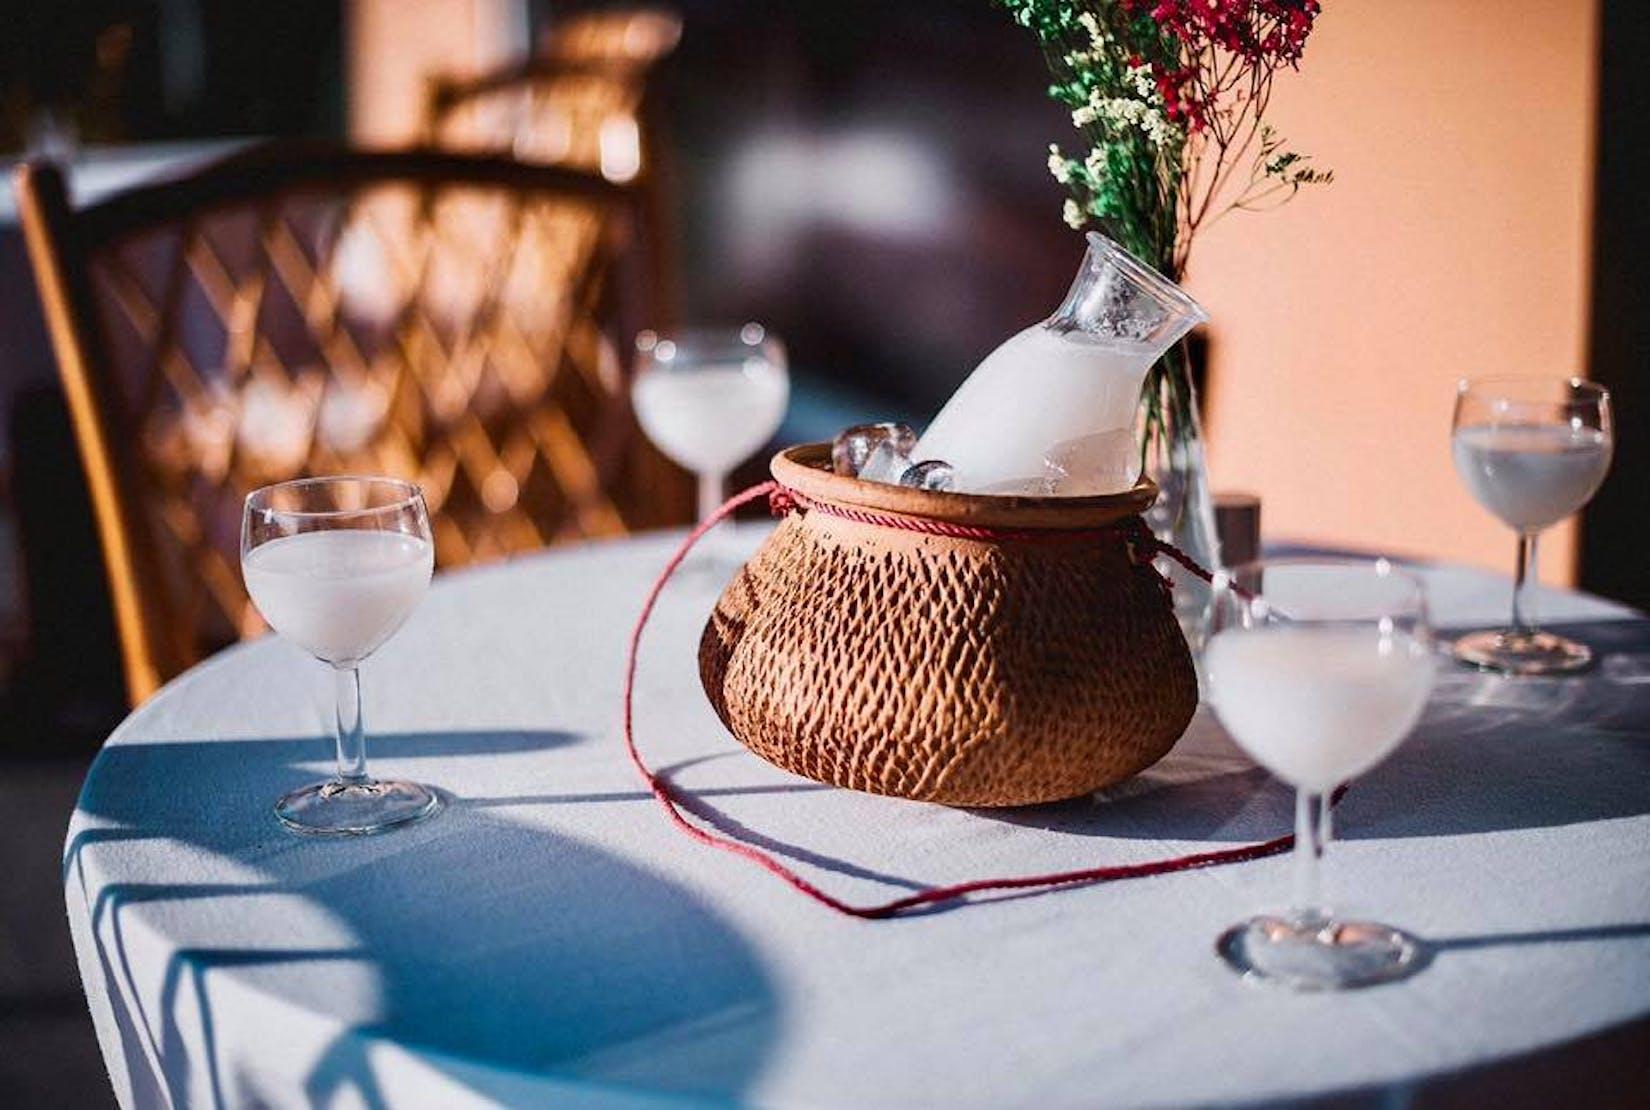 PALM wine bar & restaurant | yathar